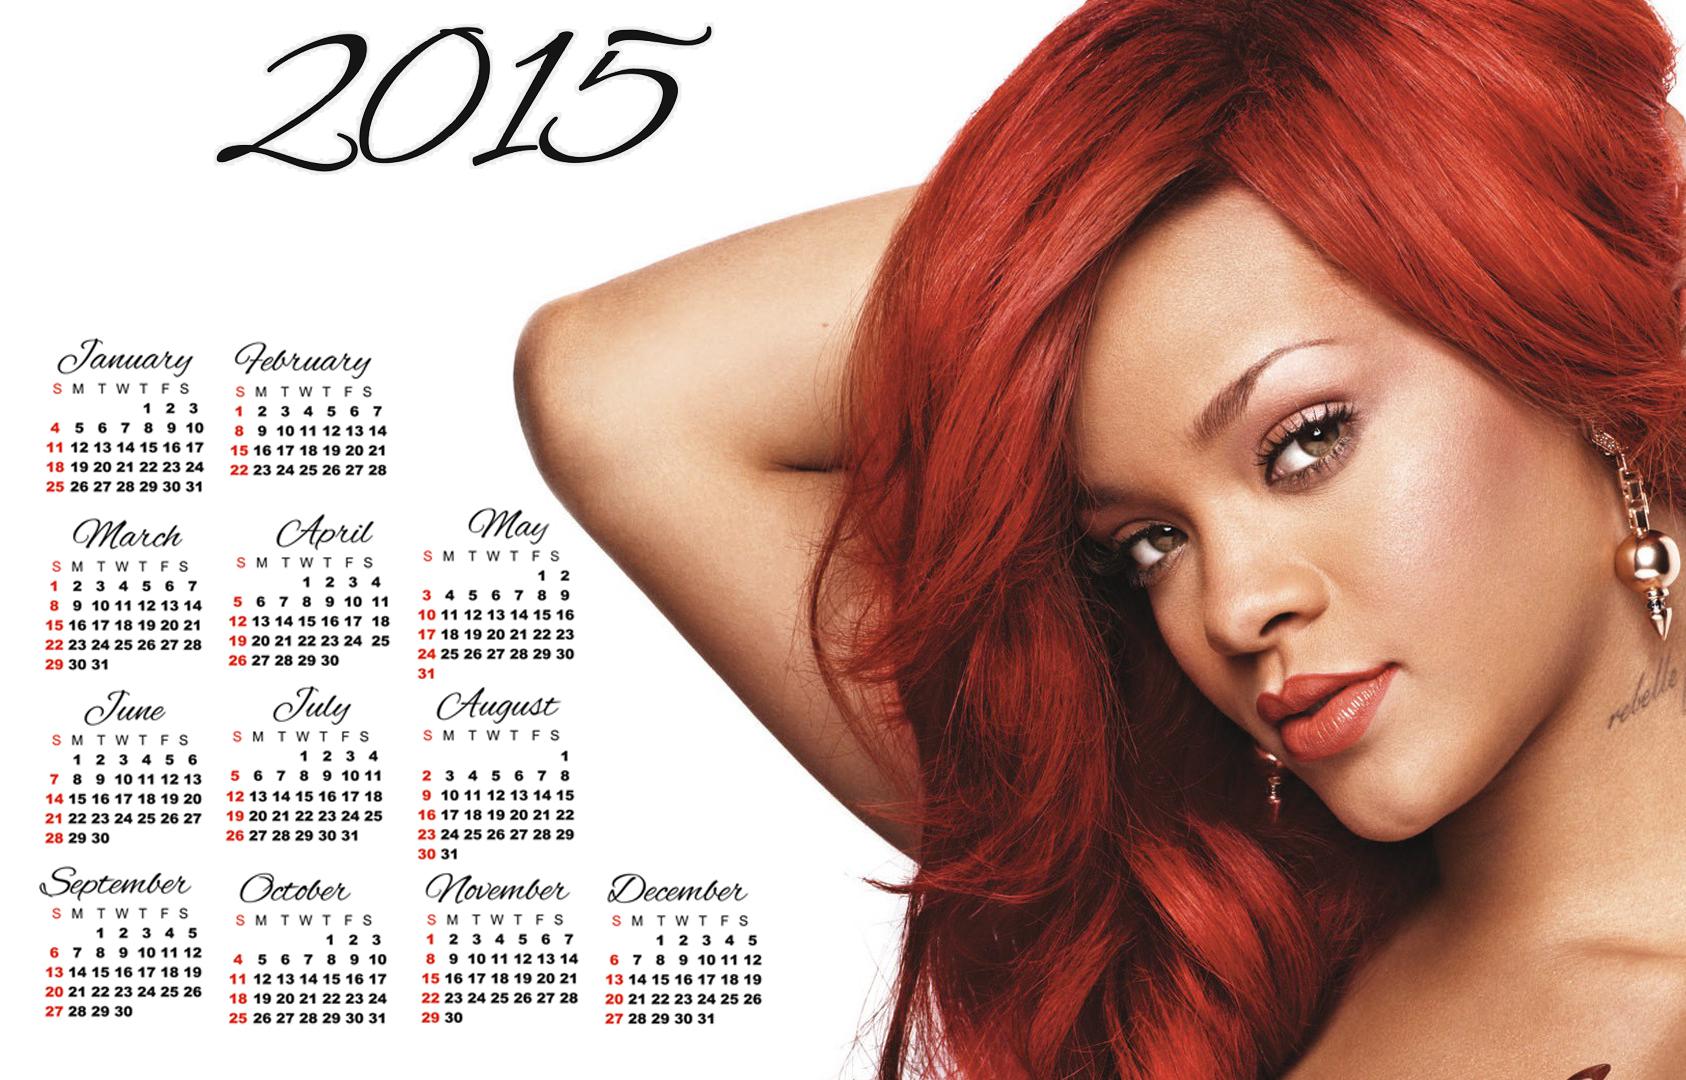 Rihanna long red hair style wallpaper calendar 2015 1686x1080